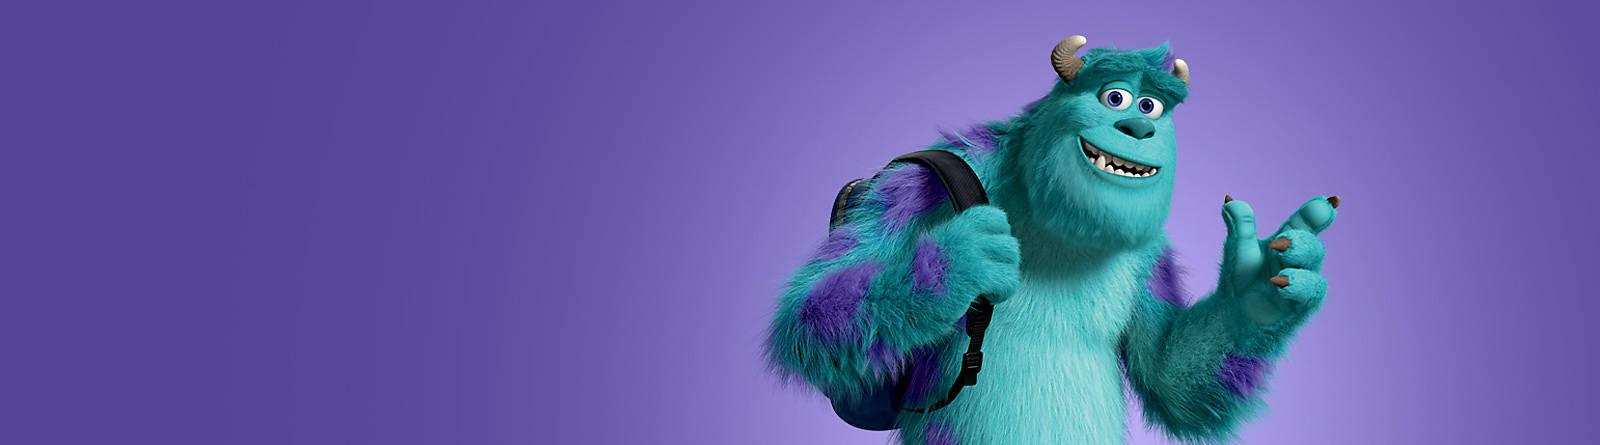 Sulley Il divertimento non finisce mai! Segui il coloratissimo Sulley di Monsters & Co. e vieni a scoprire la nostra gamma di peluche, accessori, statuette dedicato al mondo dei mostri più simpatici.